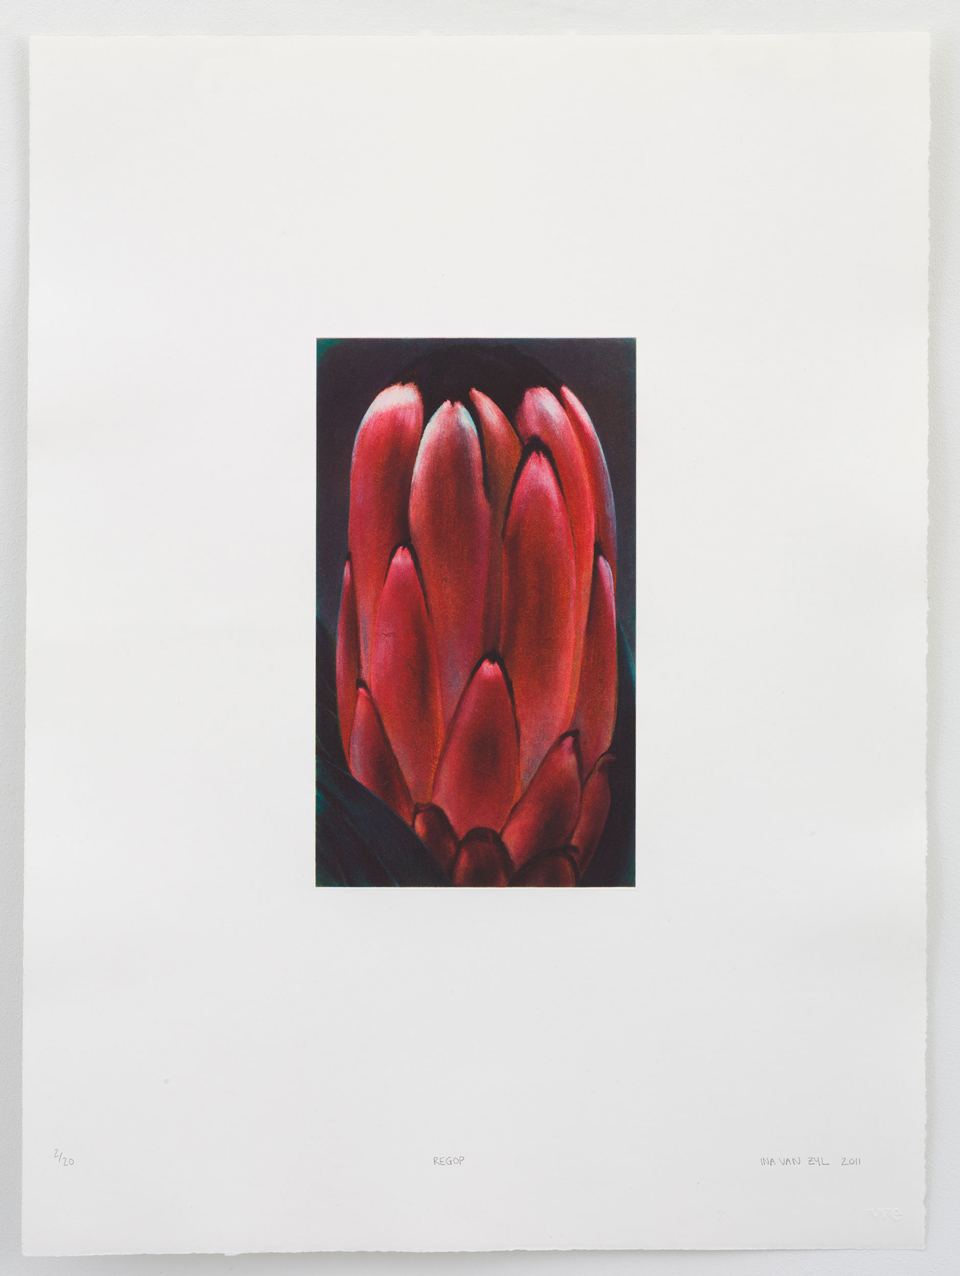 Ina van Zyl, Regop, Prints